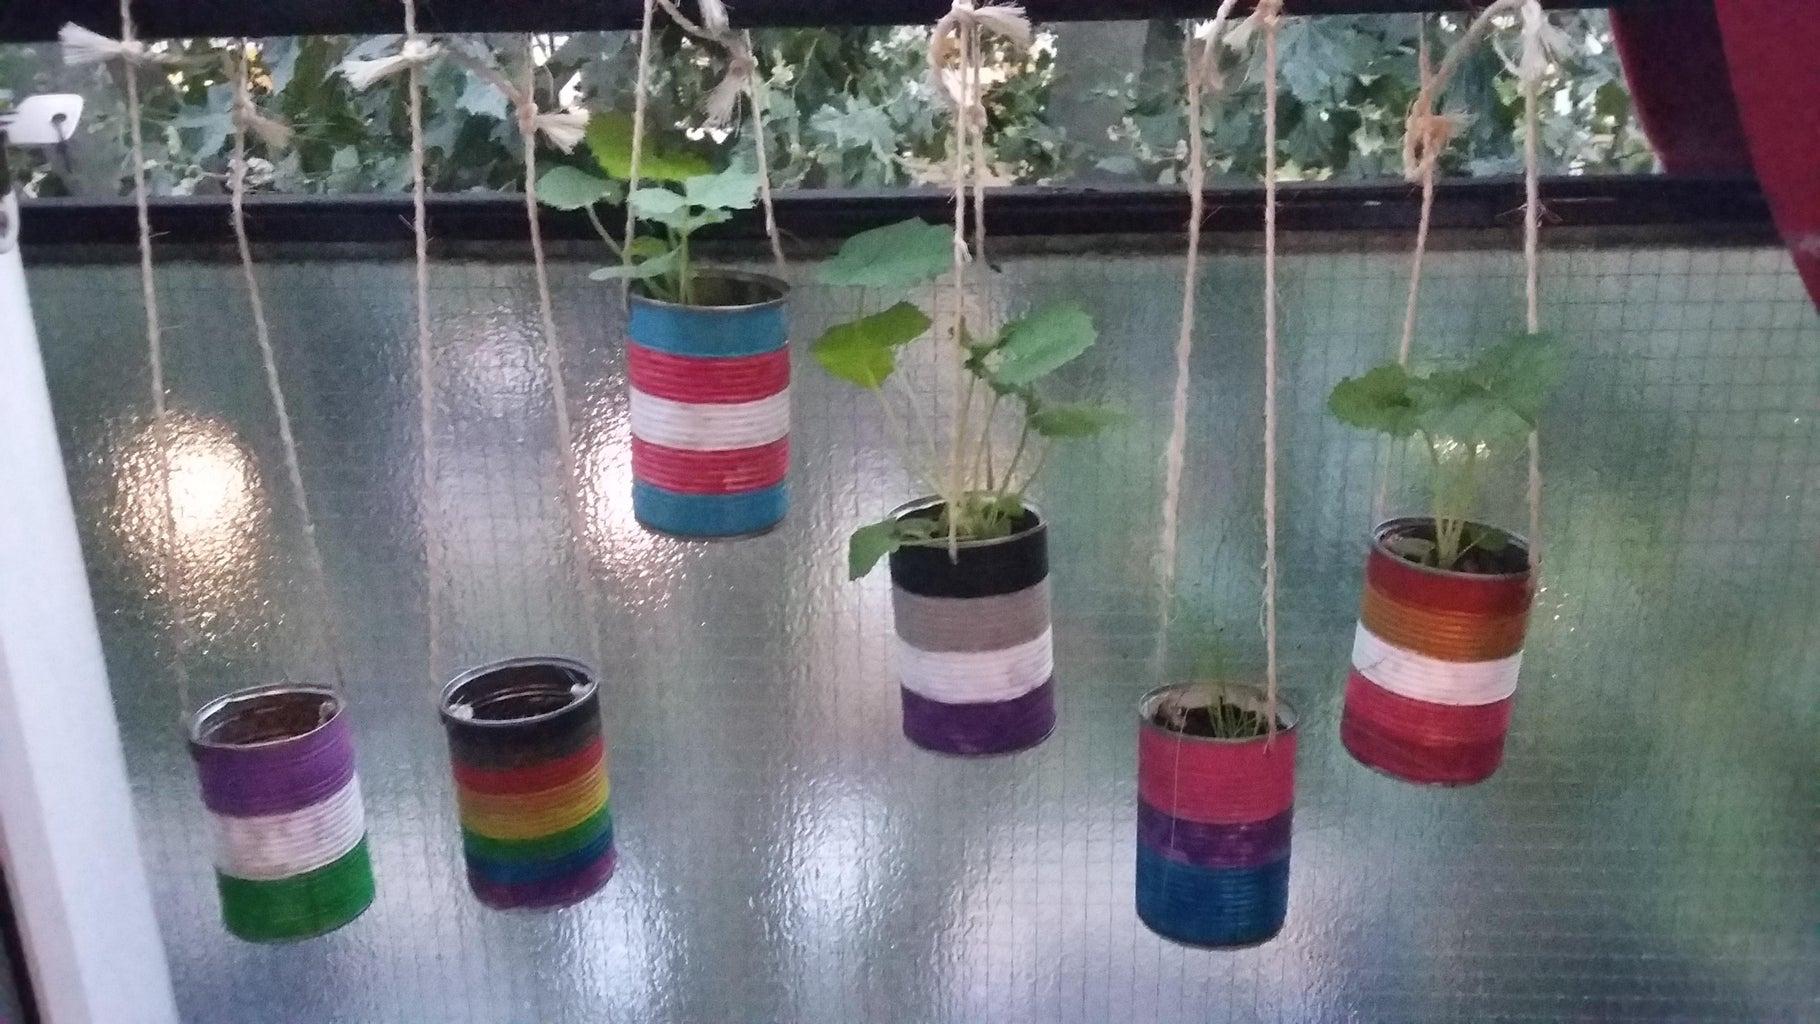 Plant Pots - Hanging & Decoration